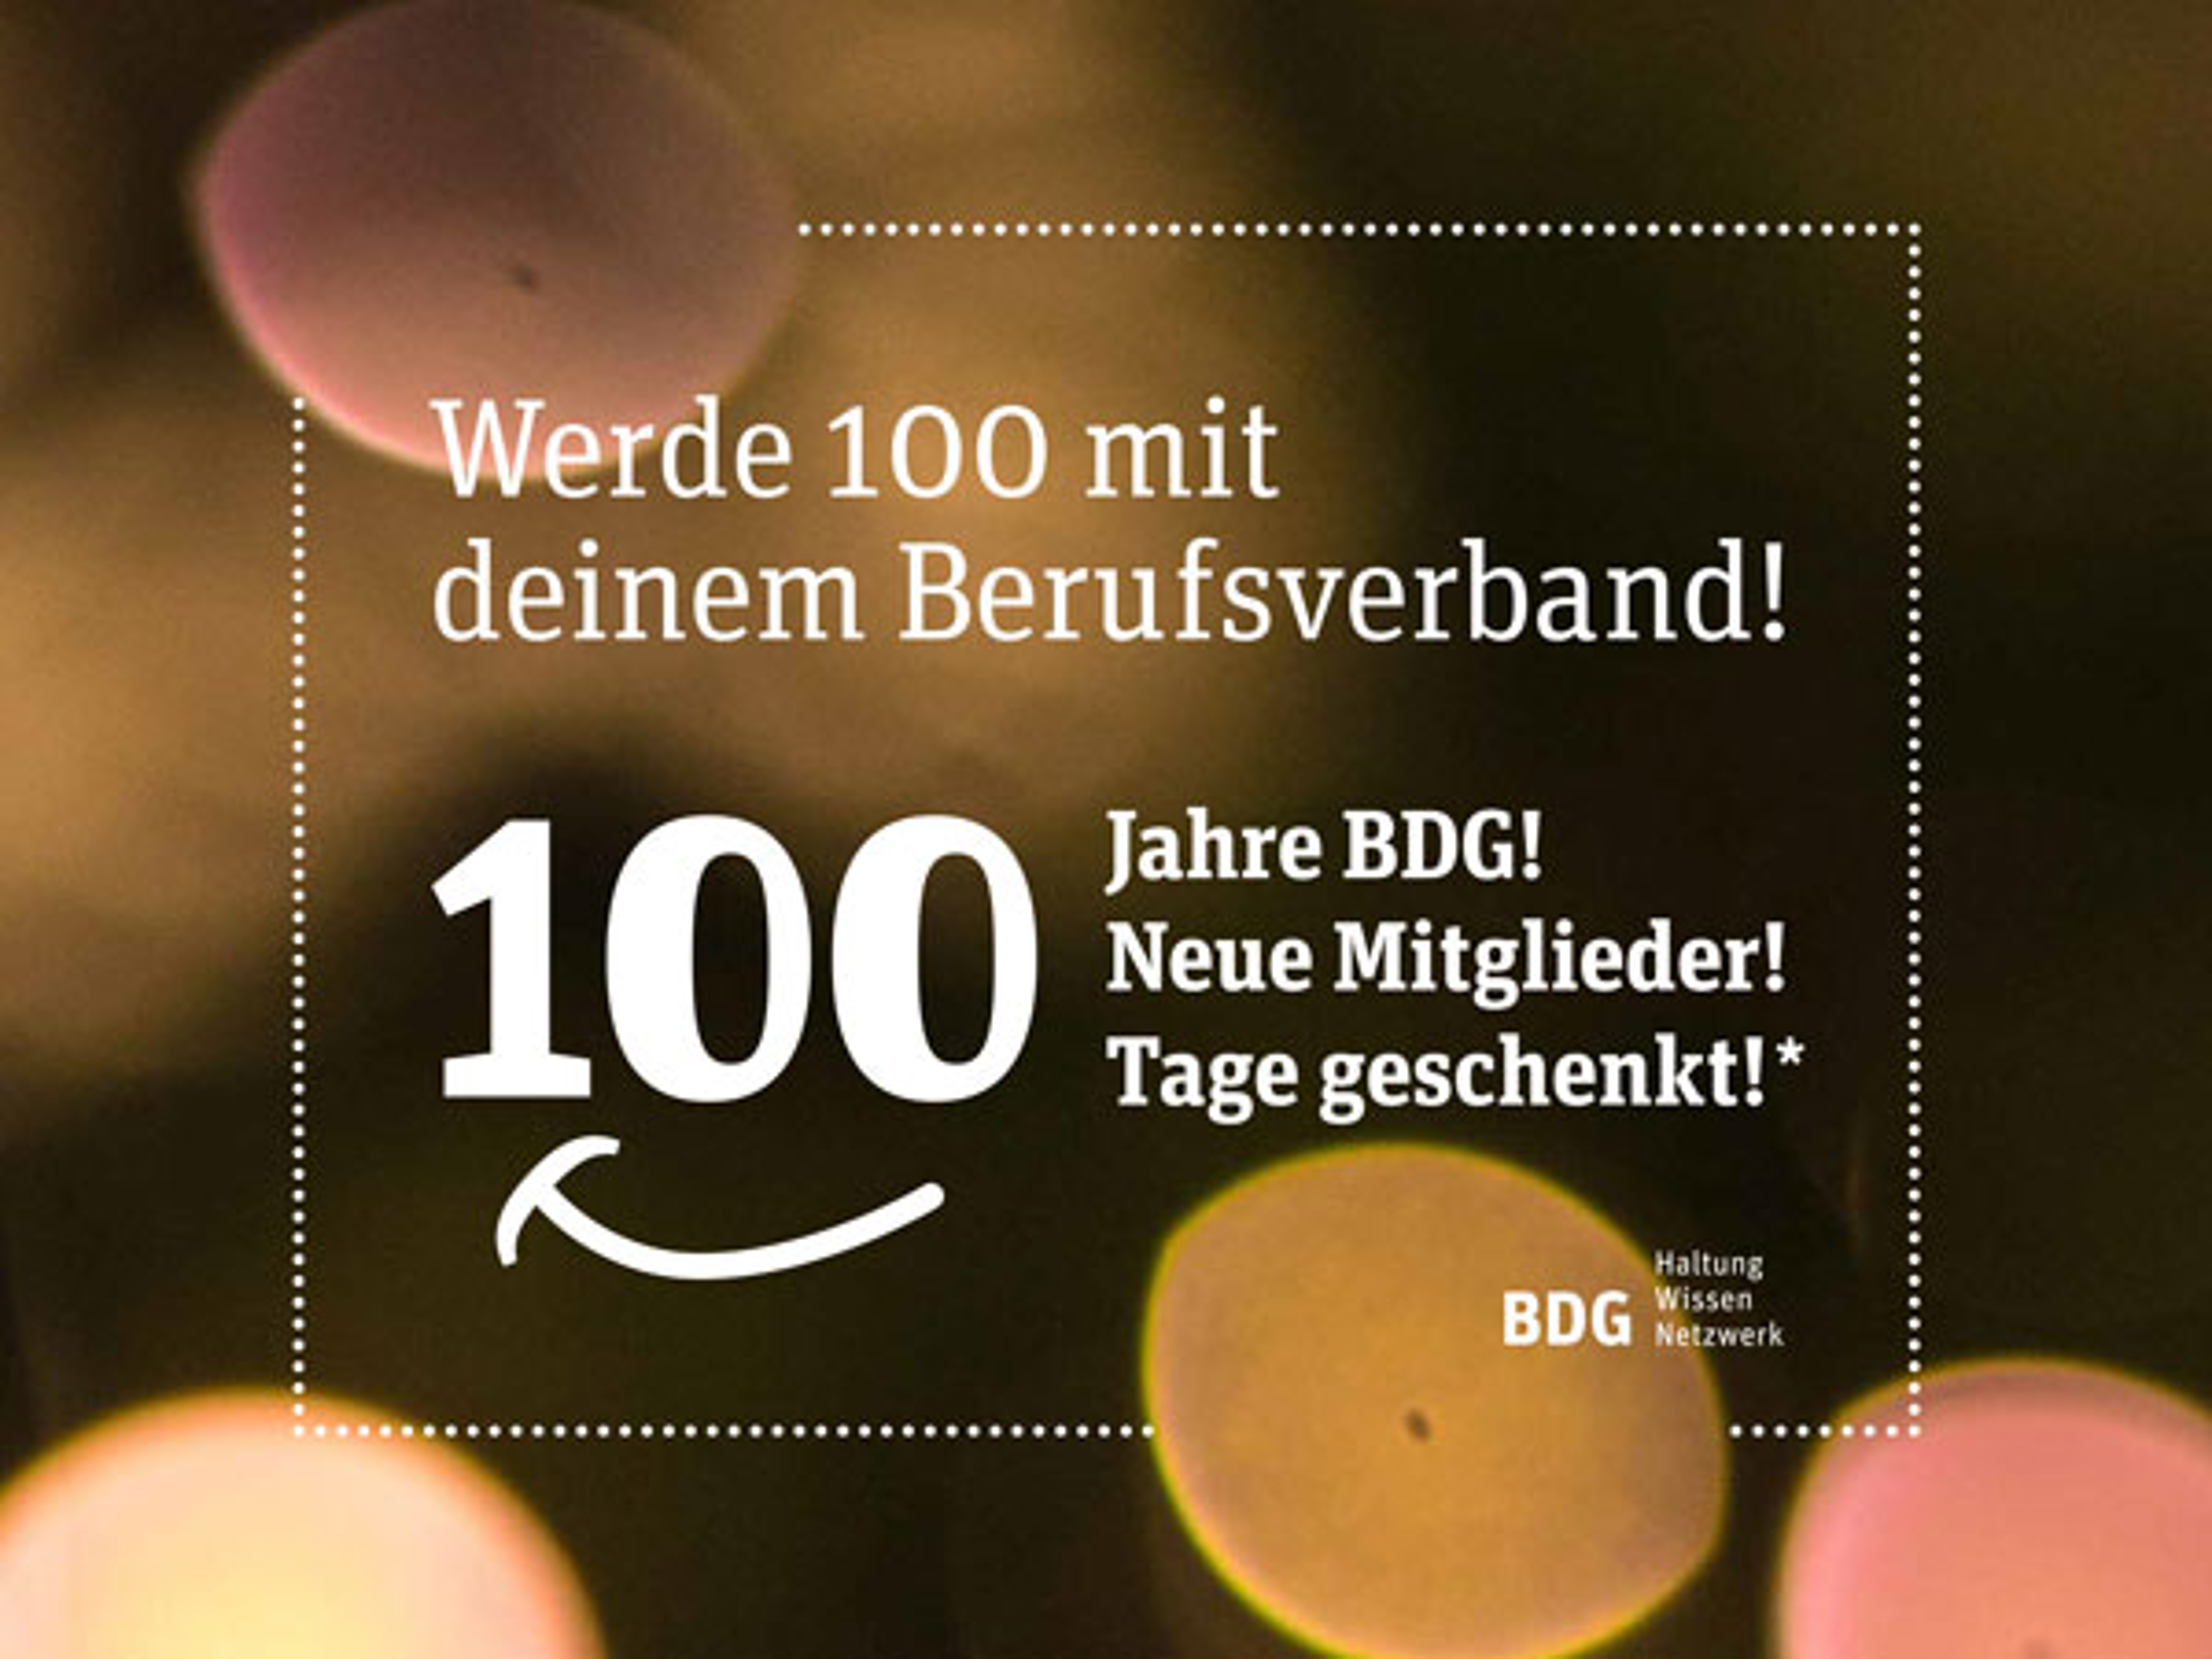 100 Jahre BDG